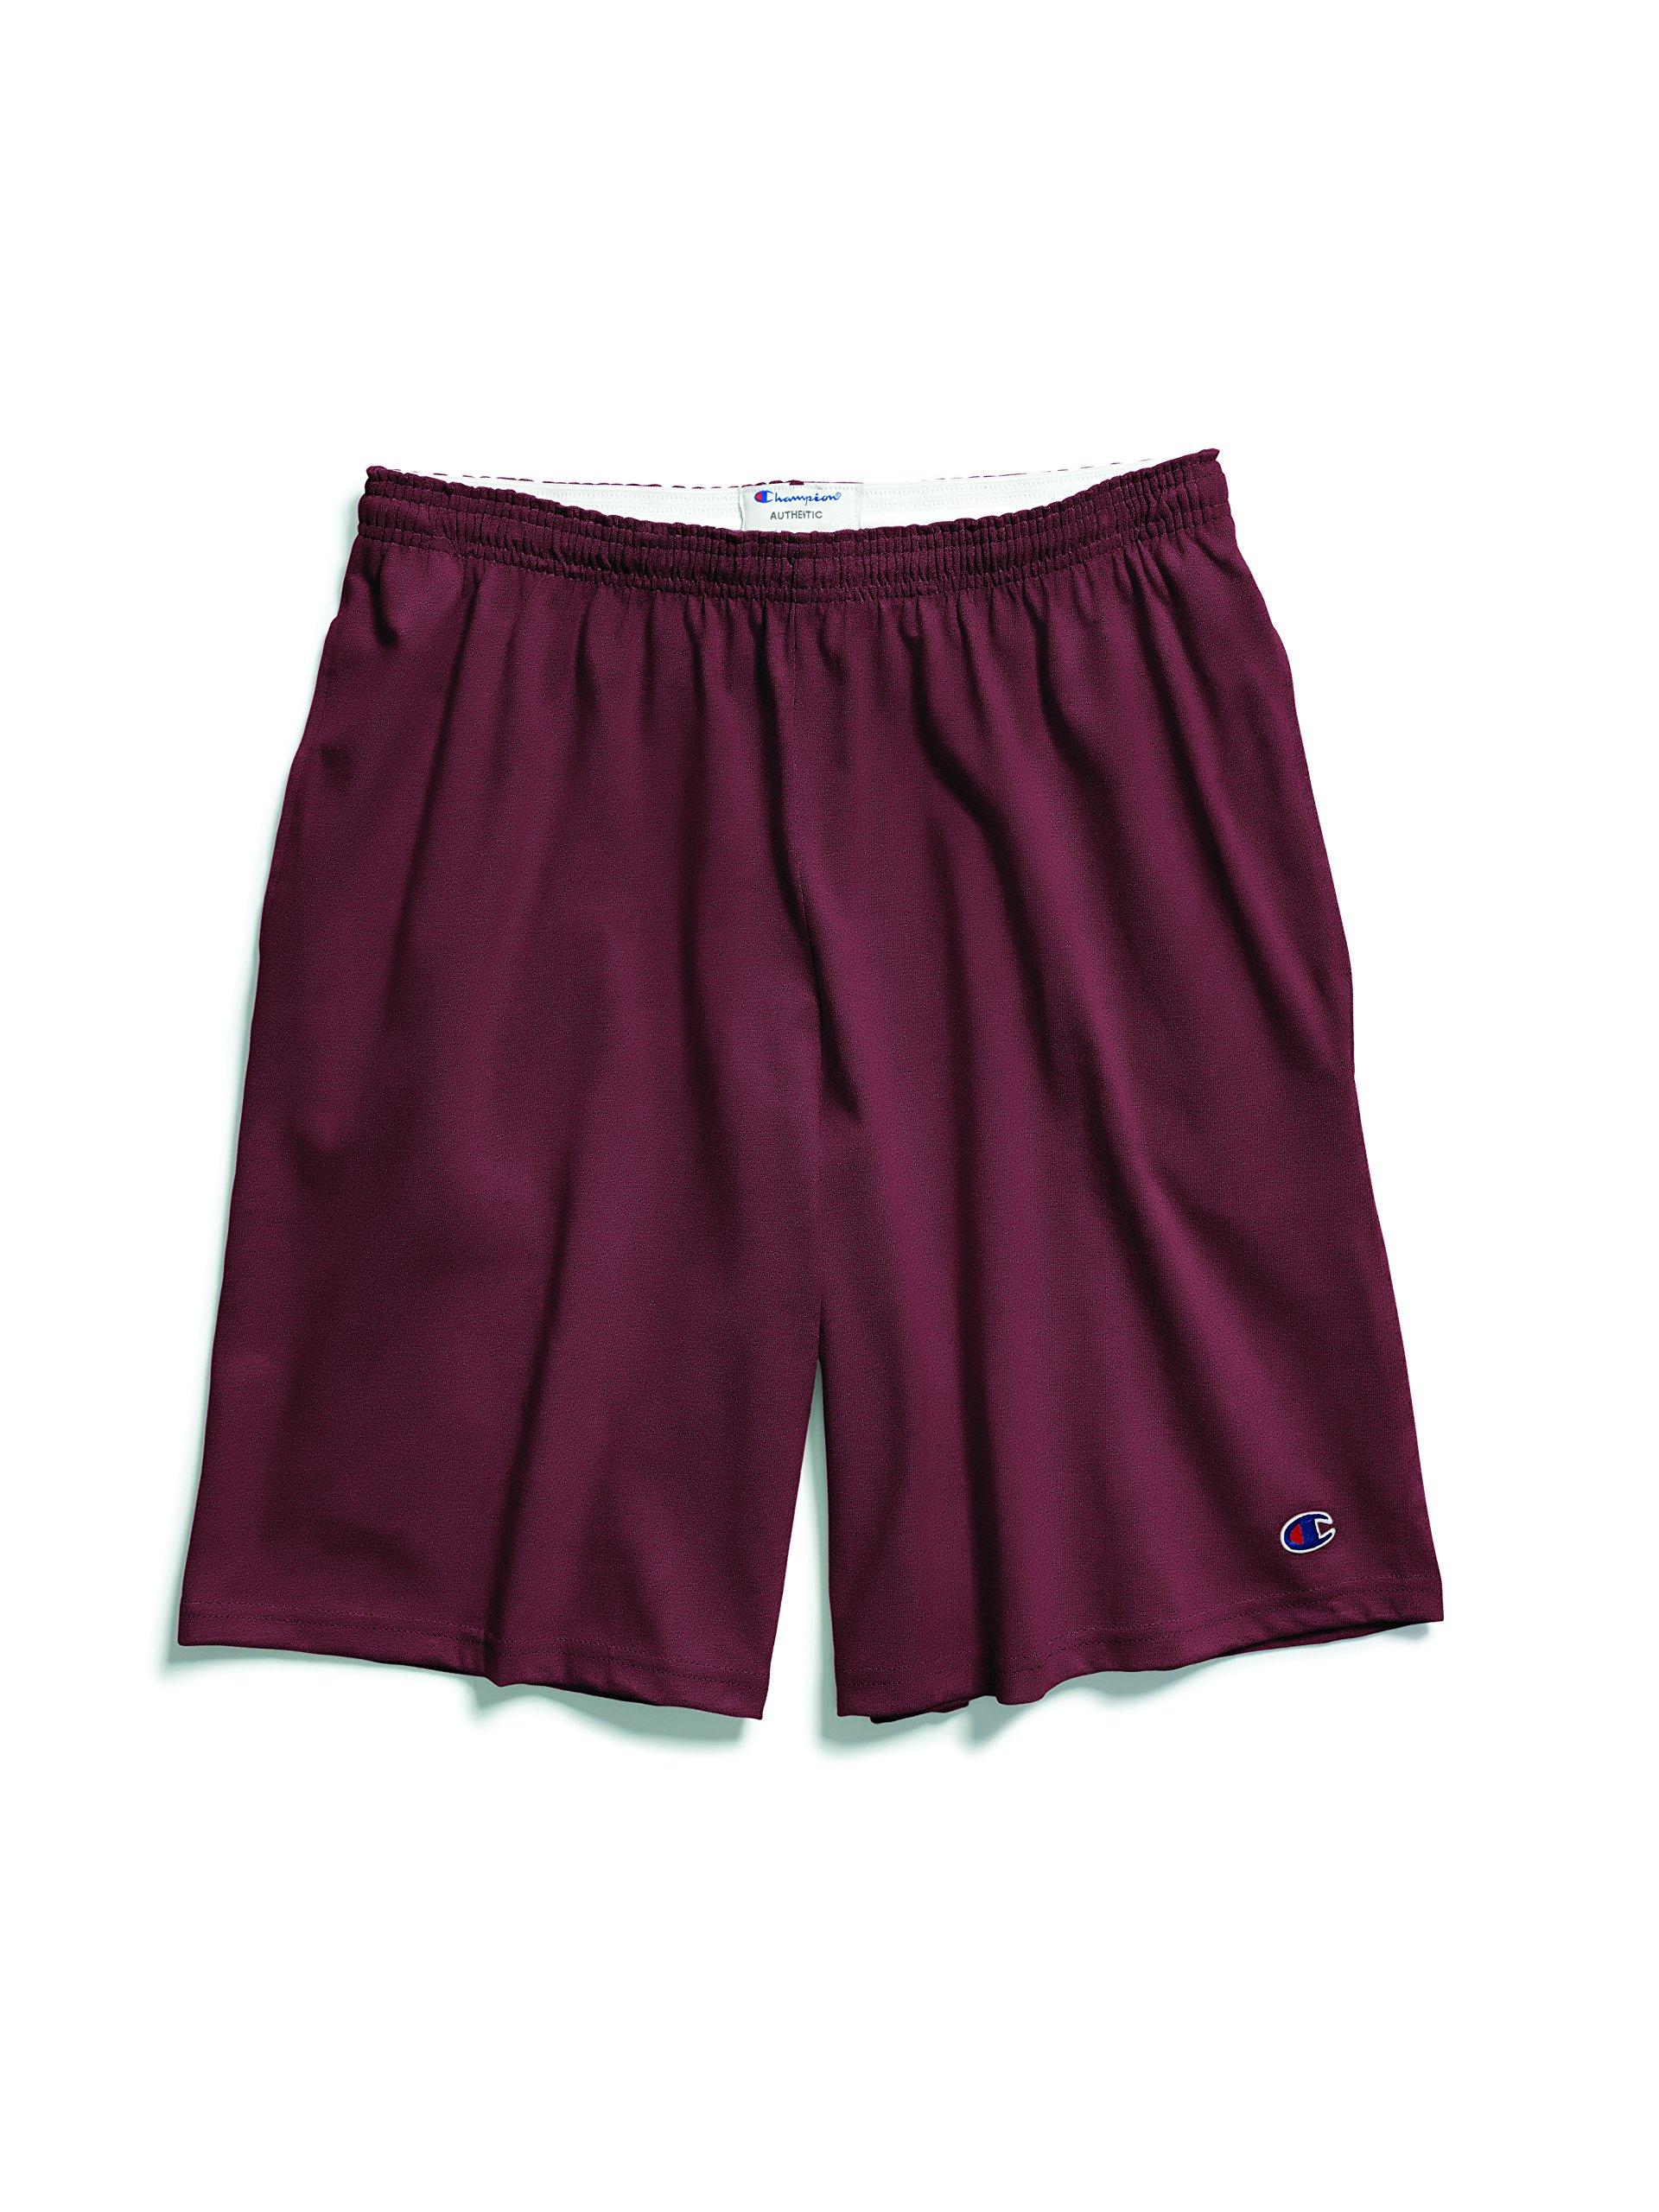 Champion Men's Jersey Short with Pockets, Maroon, Medium